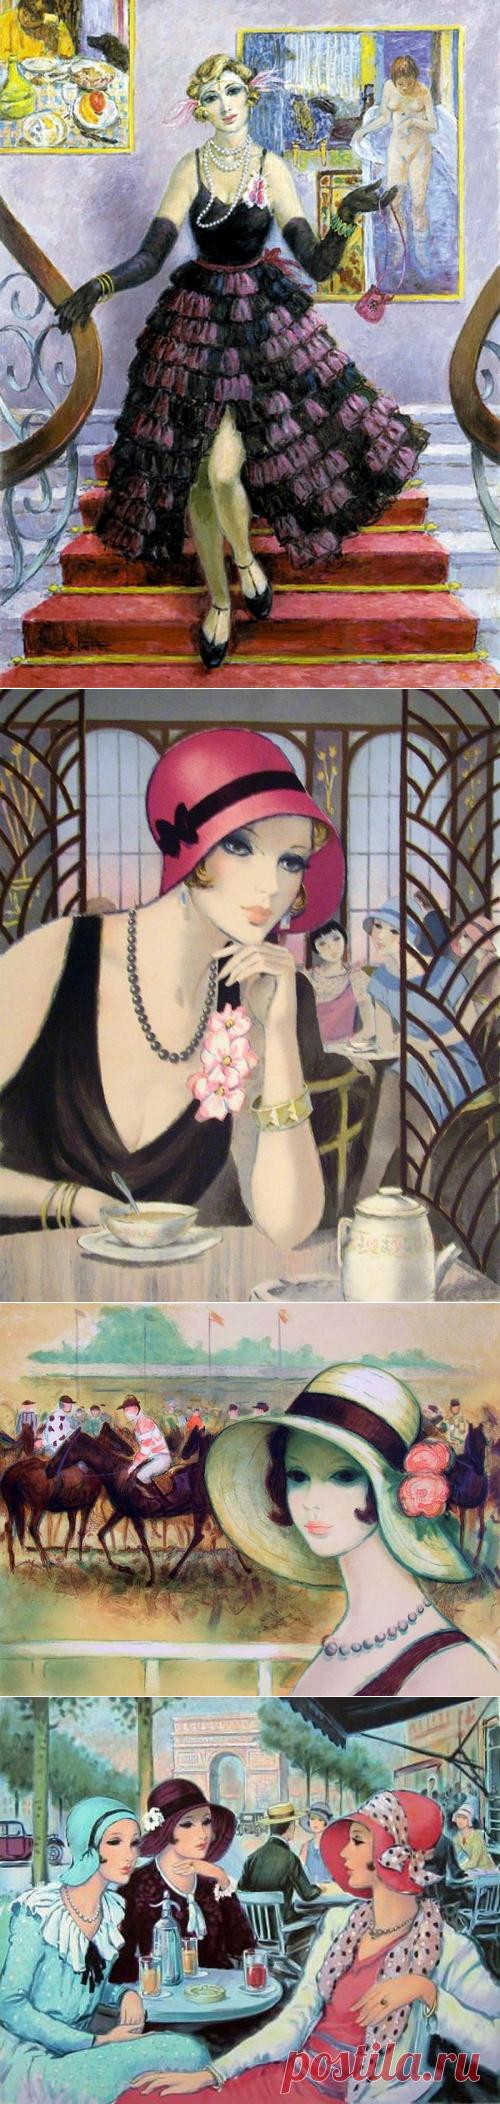 Как француженки красивы...Испанский художник Francois Batet